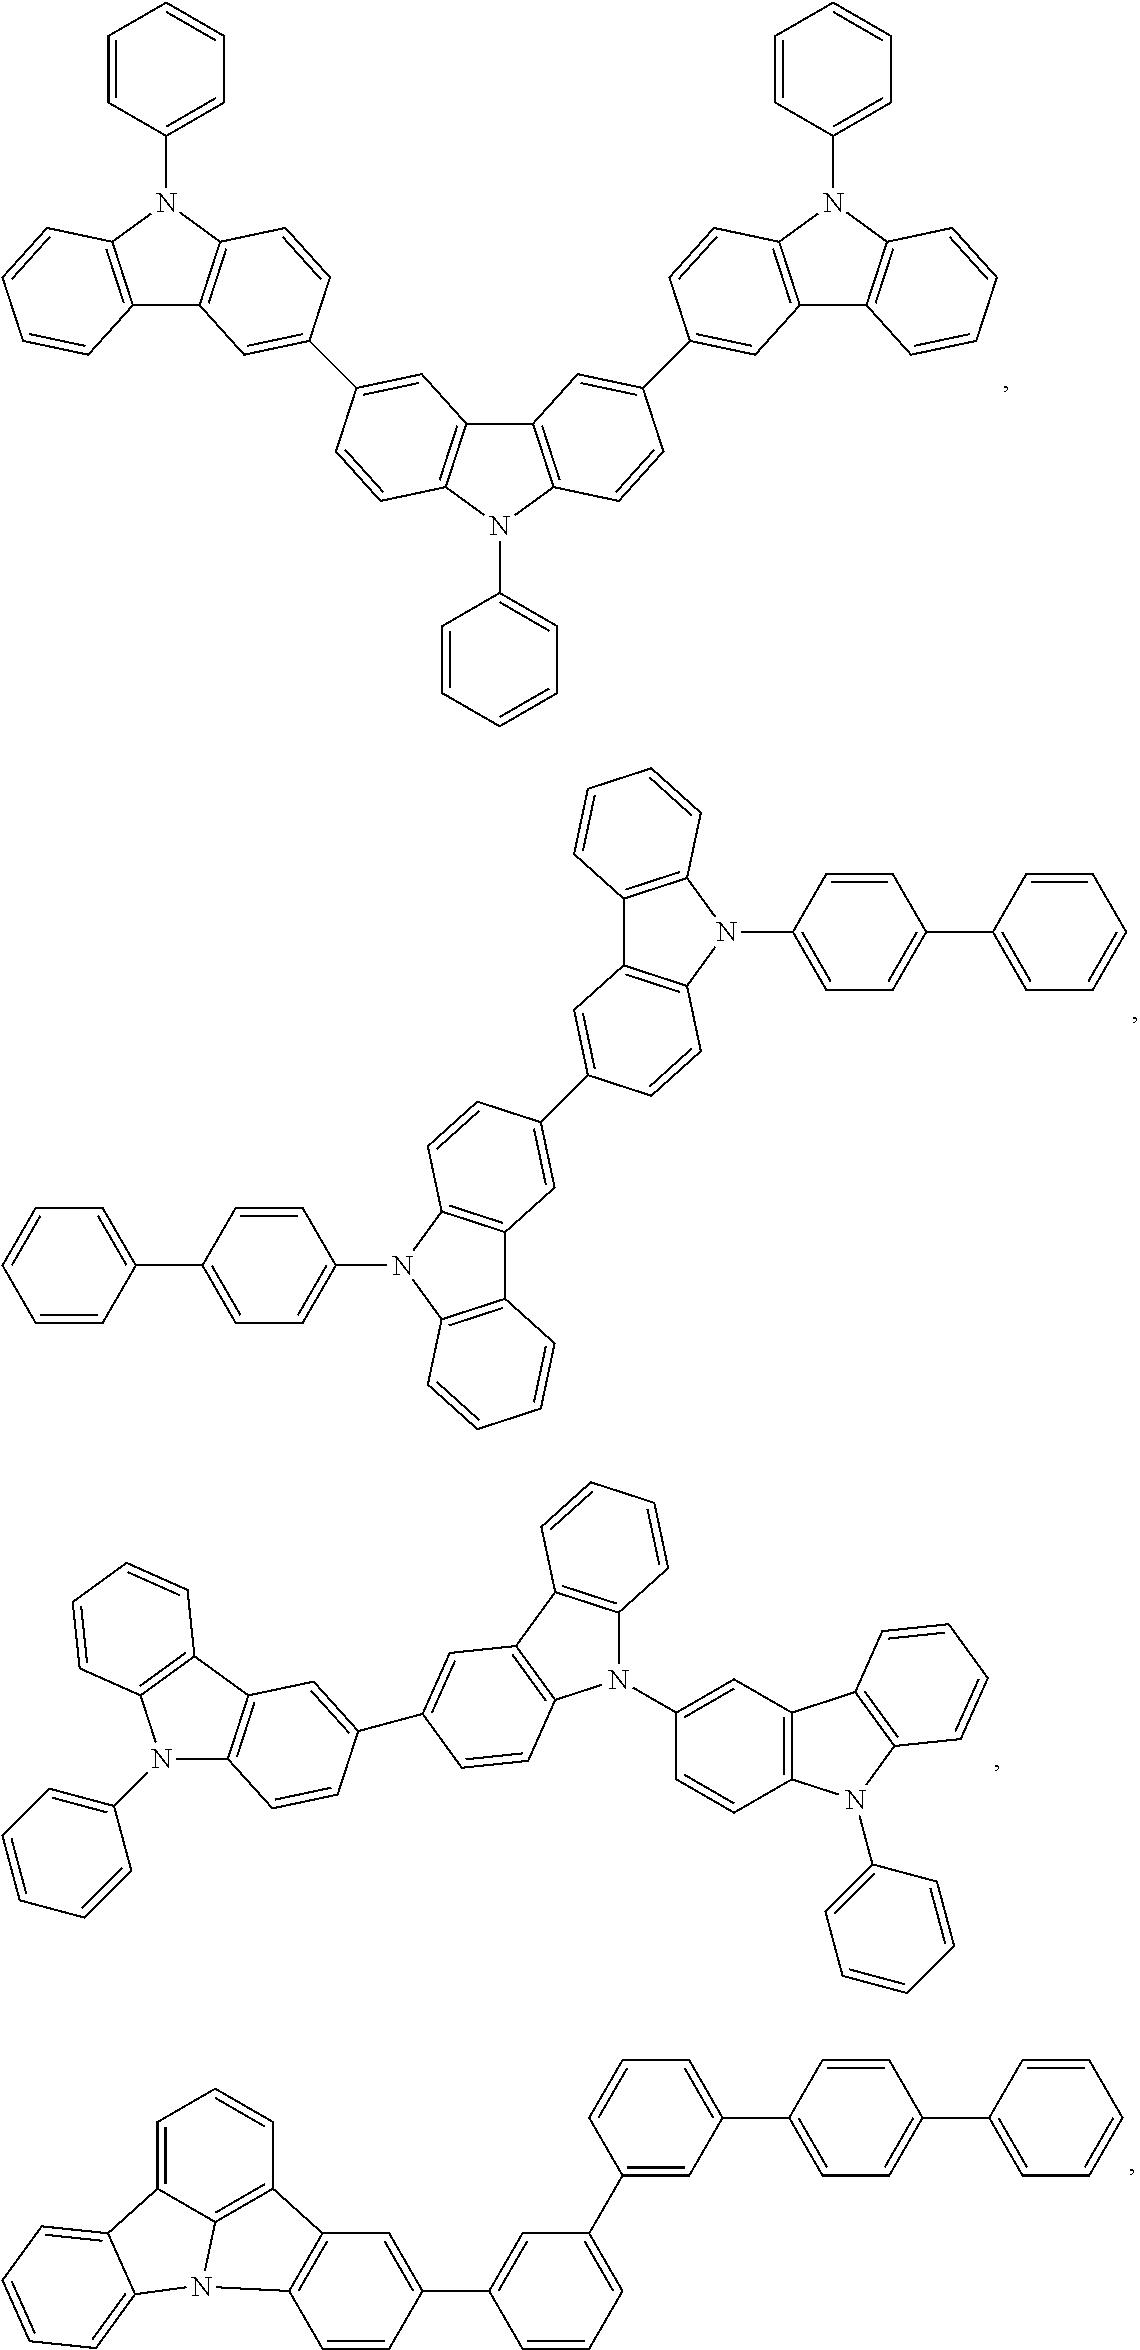 Figure US20180130962A1-20180510-C00170